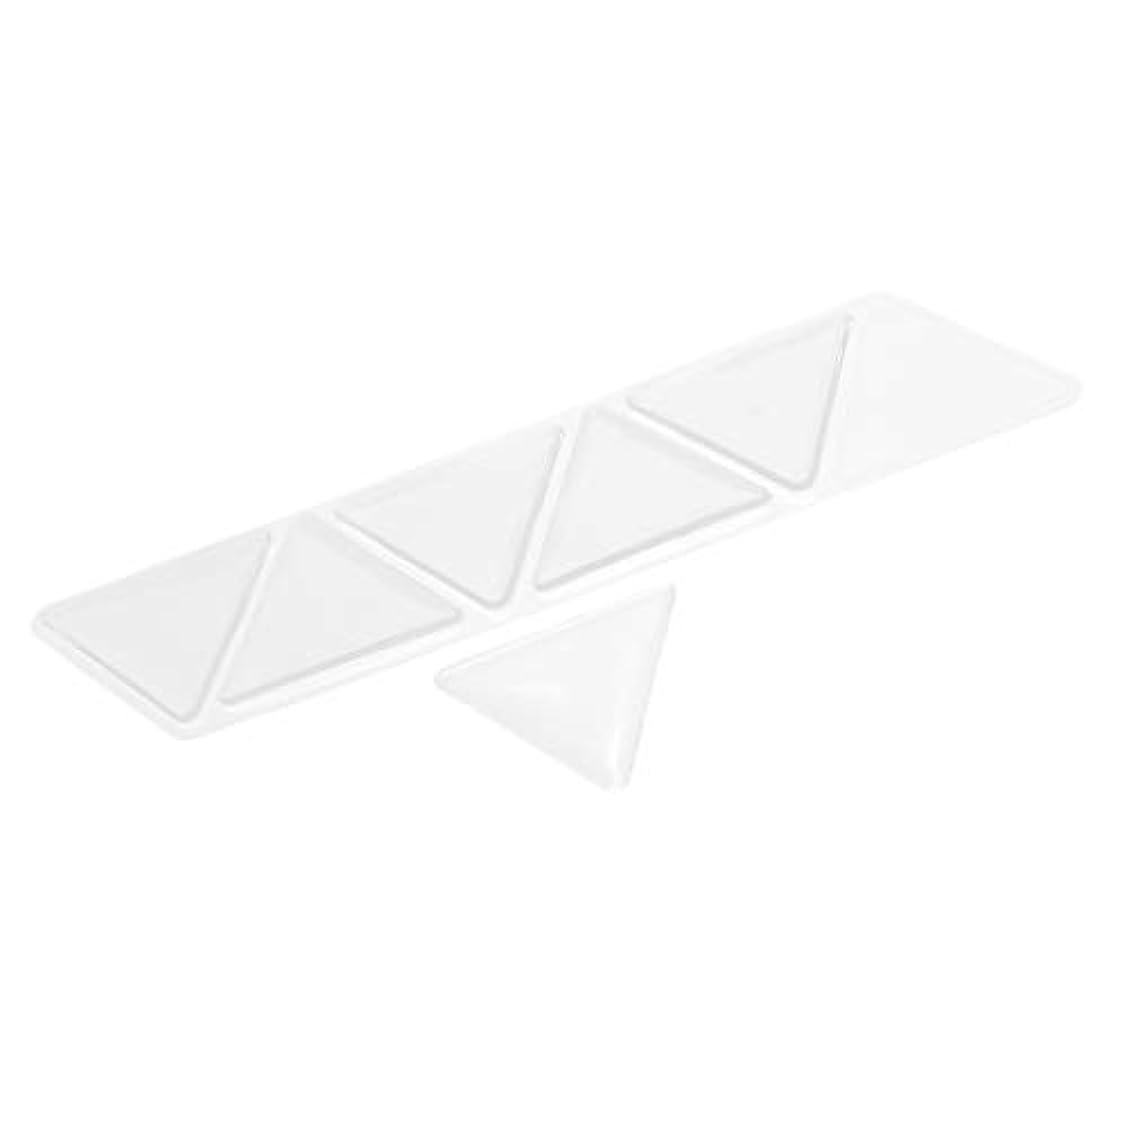 求人行く新年額パッド スキンケアパッド アンチリンクル シリコン 三角パッド 再使用可能な